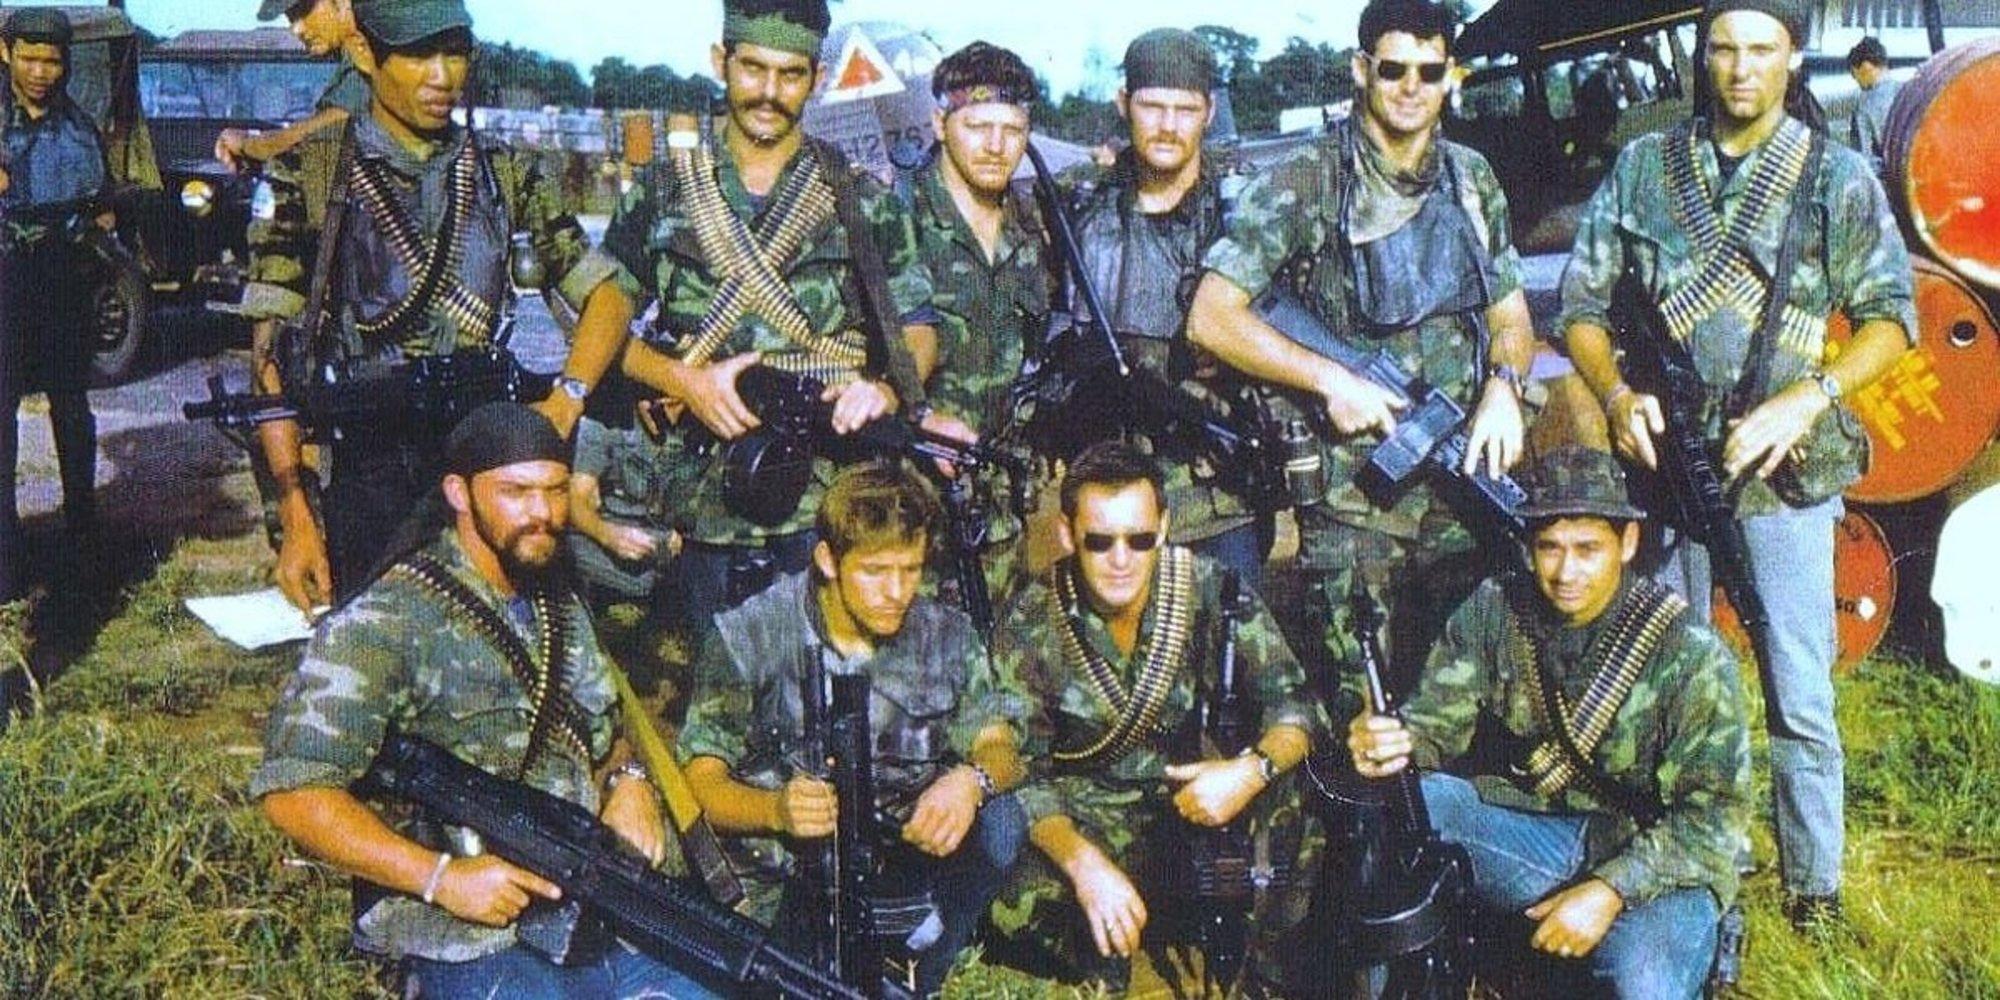 Hình chụp vào năm 1967, một nhóm đặc nhiệm Navy Seal đang mặt Light Blue Jeans tại Việt Nam